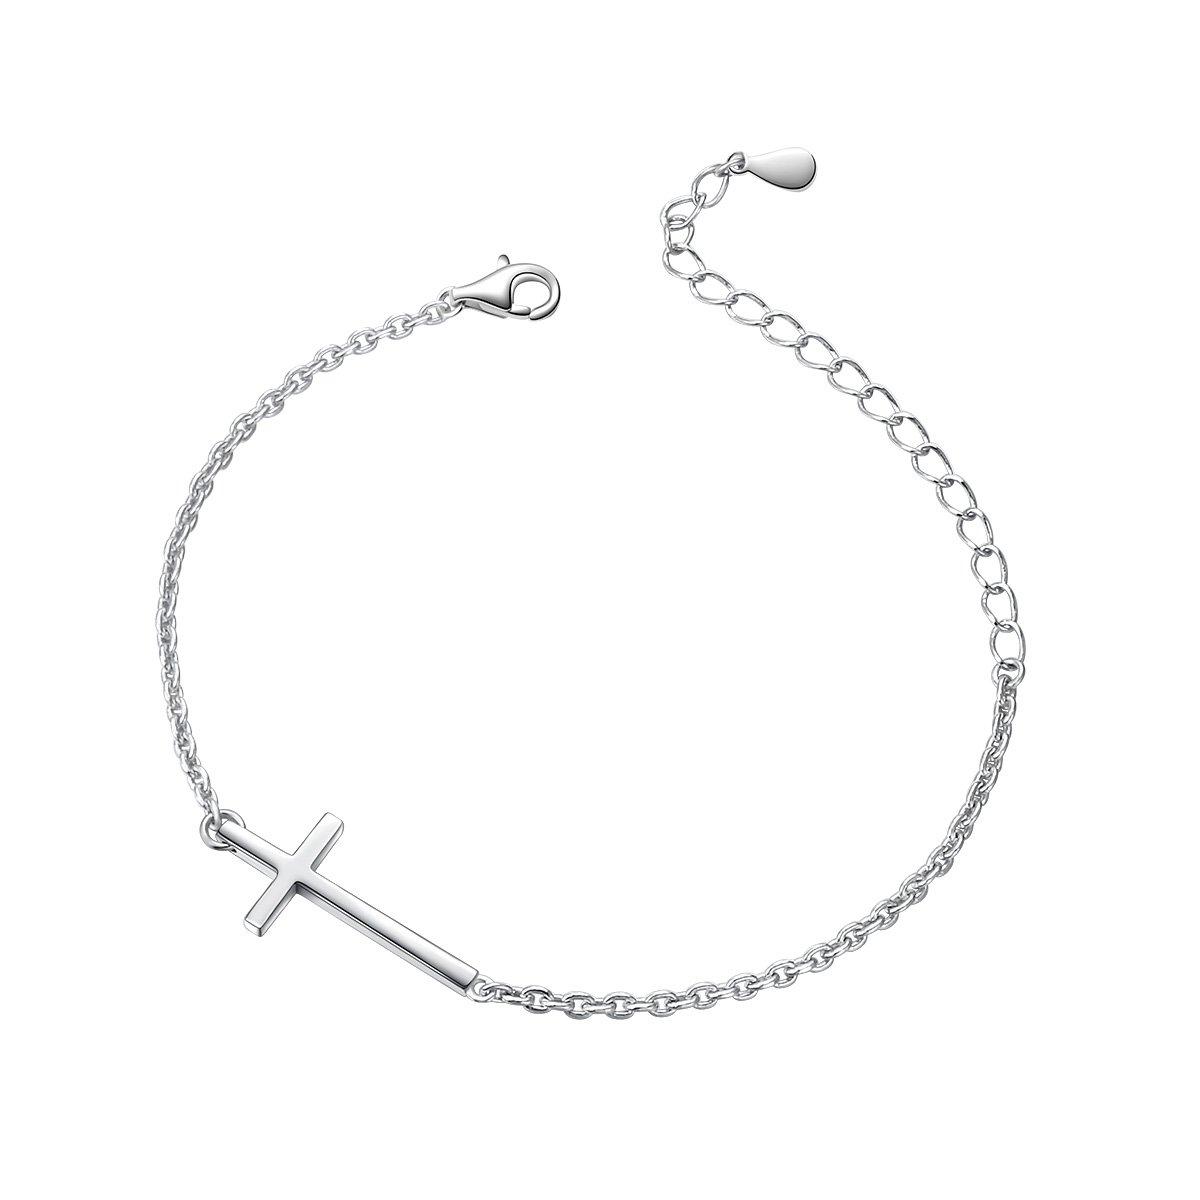 Cross Anklet for Women S925 Sterling Silver Adjustable Foot Ankle Bracelet